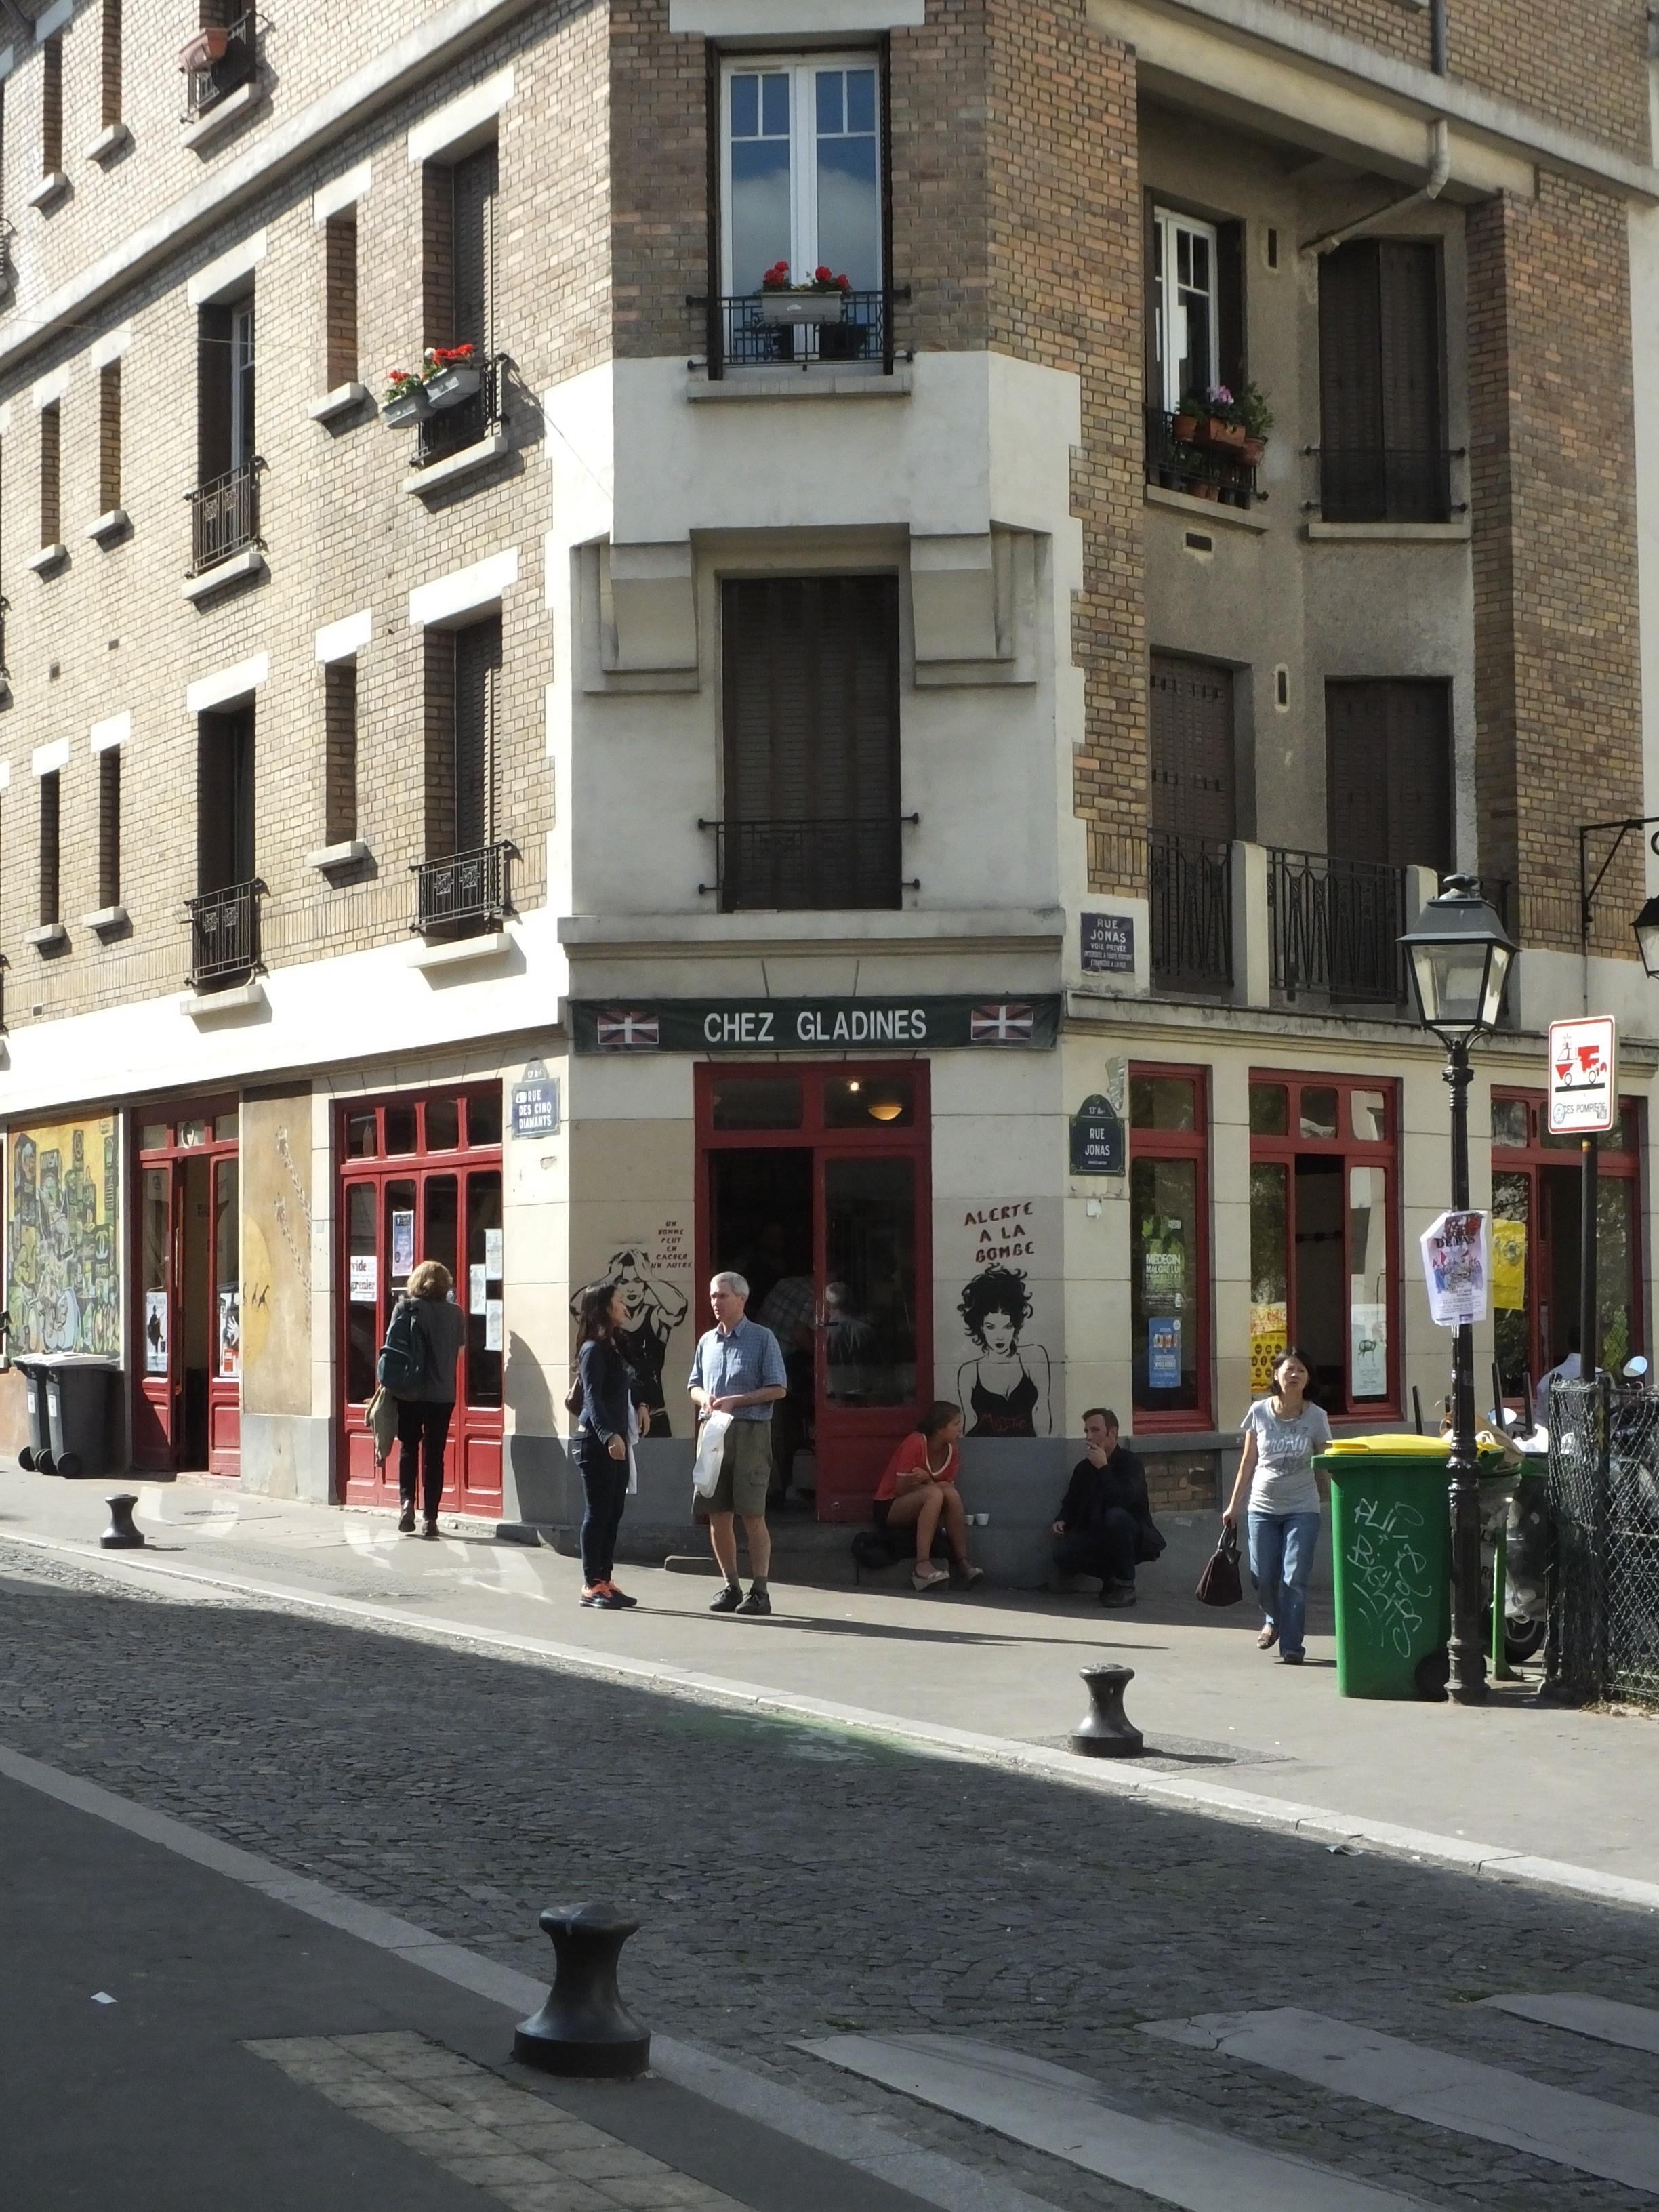 La Butte Aux Cailles Photos reconnaissance and la butte aux cailles in paris - linda spalla